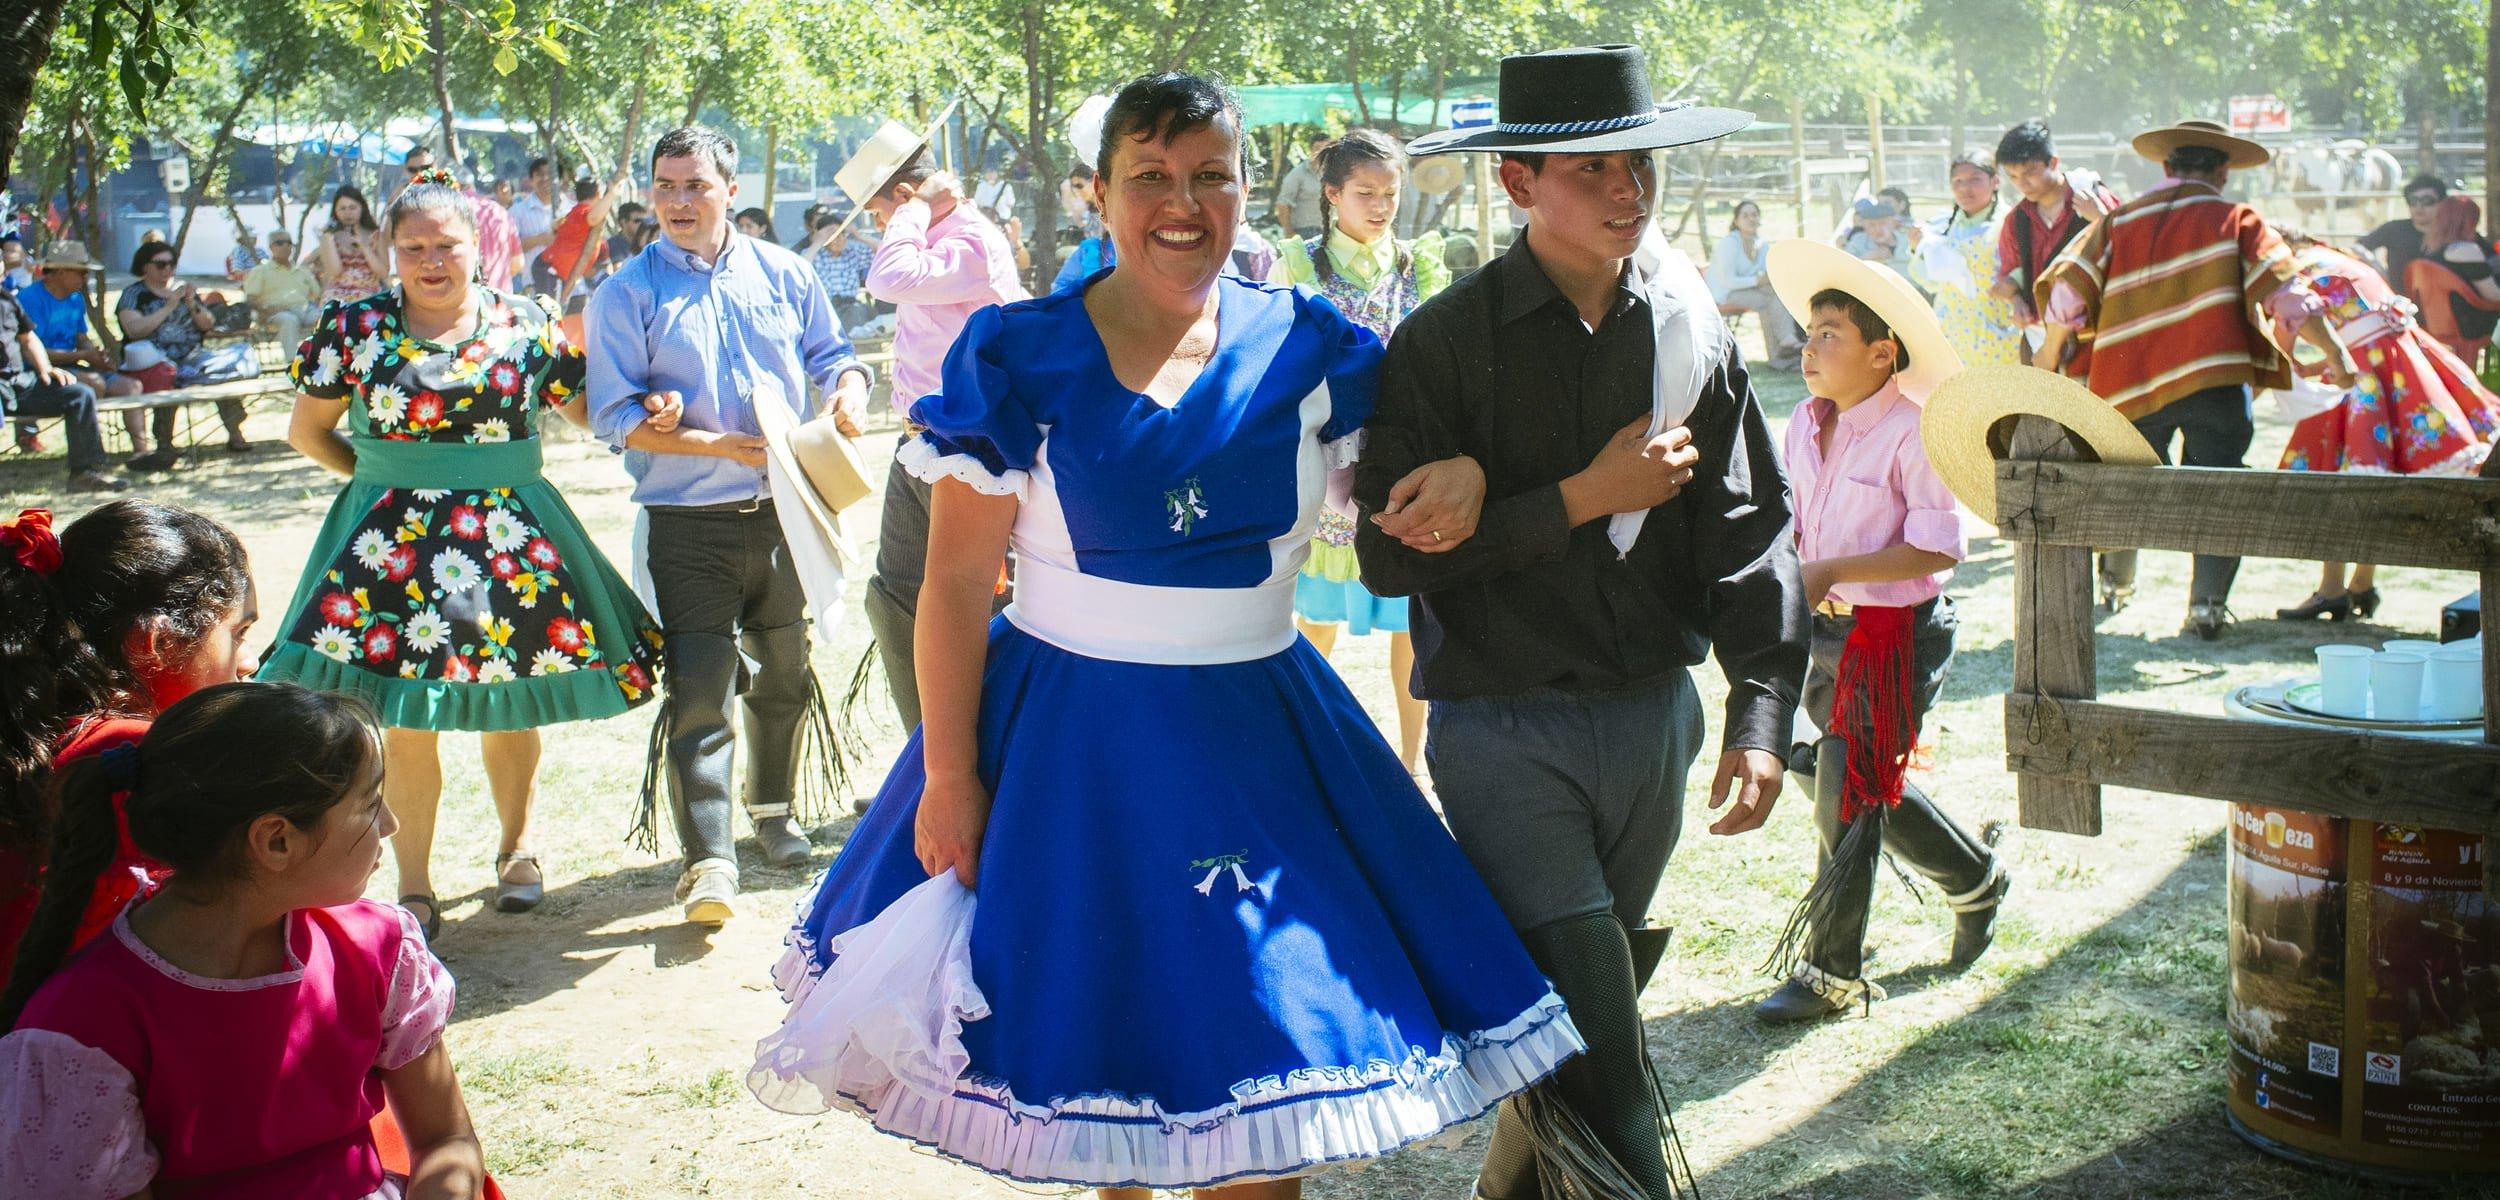 Las fiestas costumbristas que te celebran la cultura de Chile